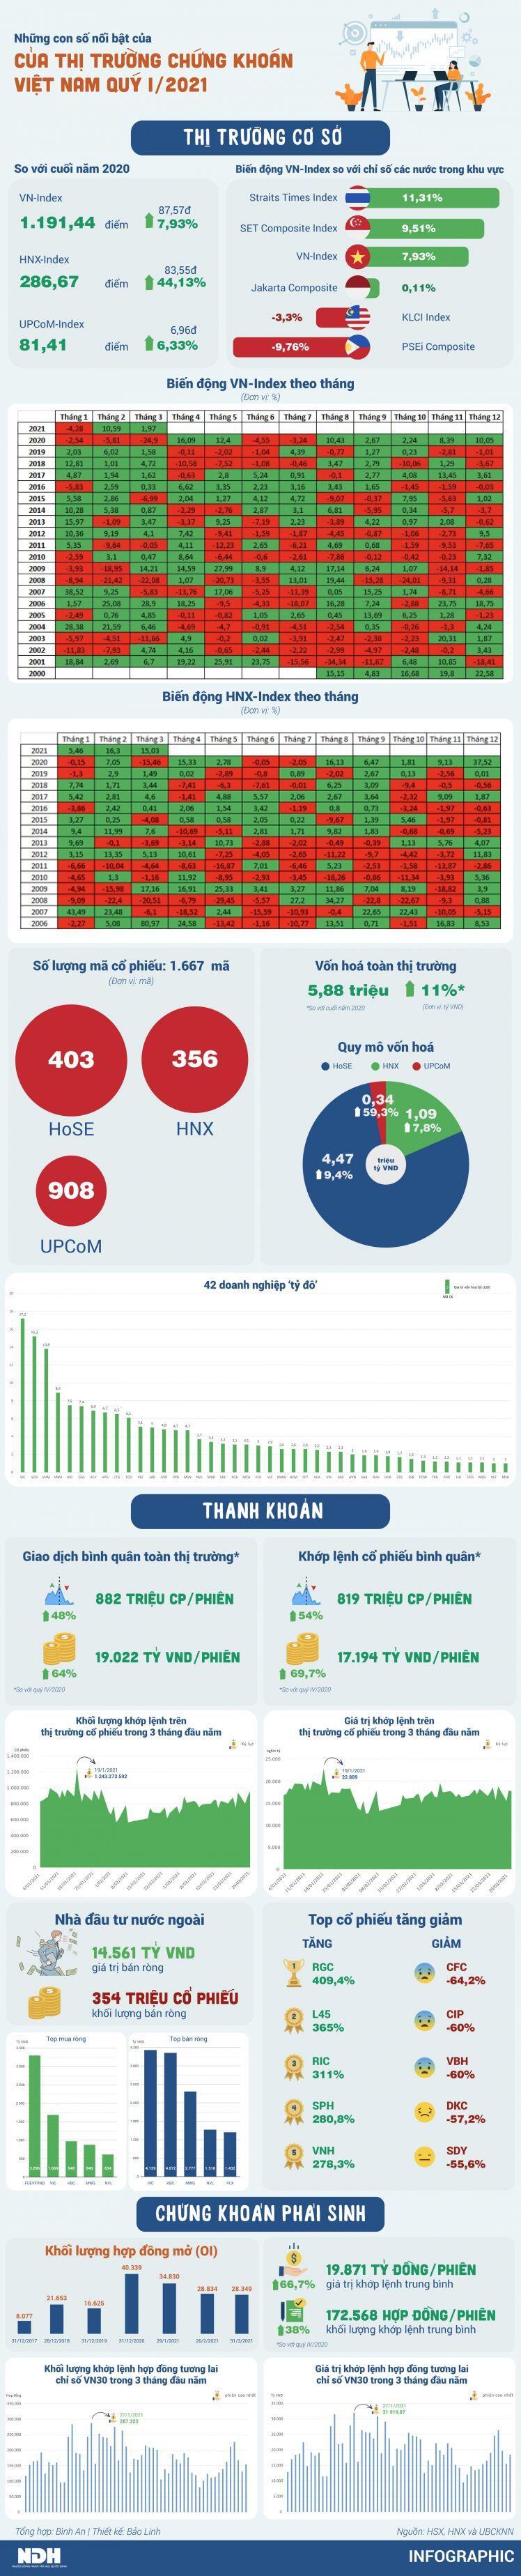 Những con số nổi bật của thị trường chứng khoán Việt Nam quý I/2021